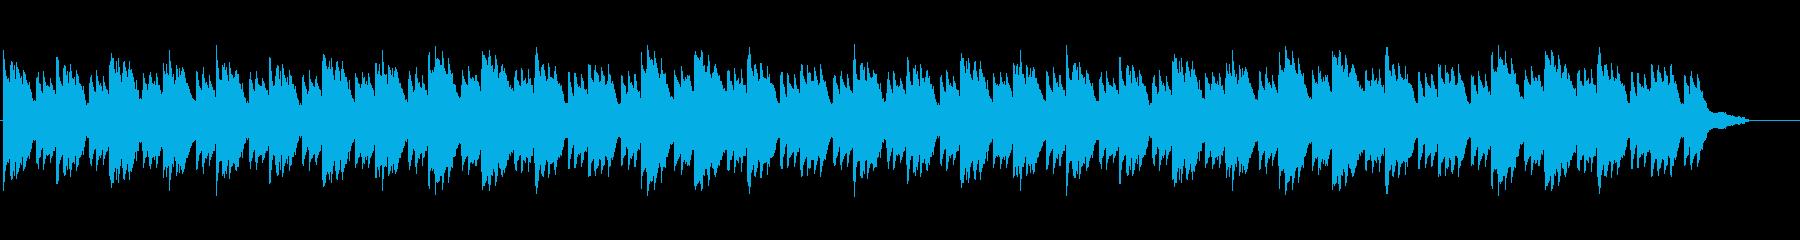 重厚なピアノが奏でる憂鬱?なサウンドの再生済みの波形